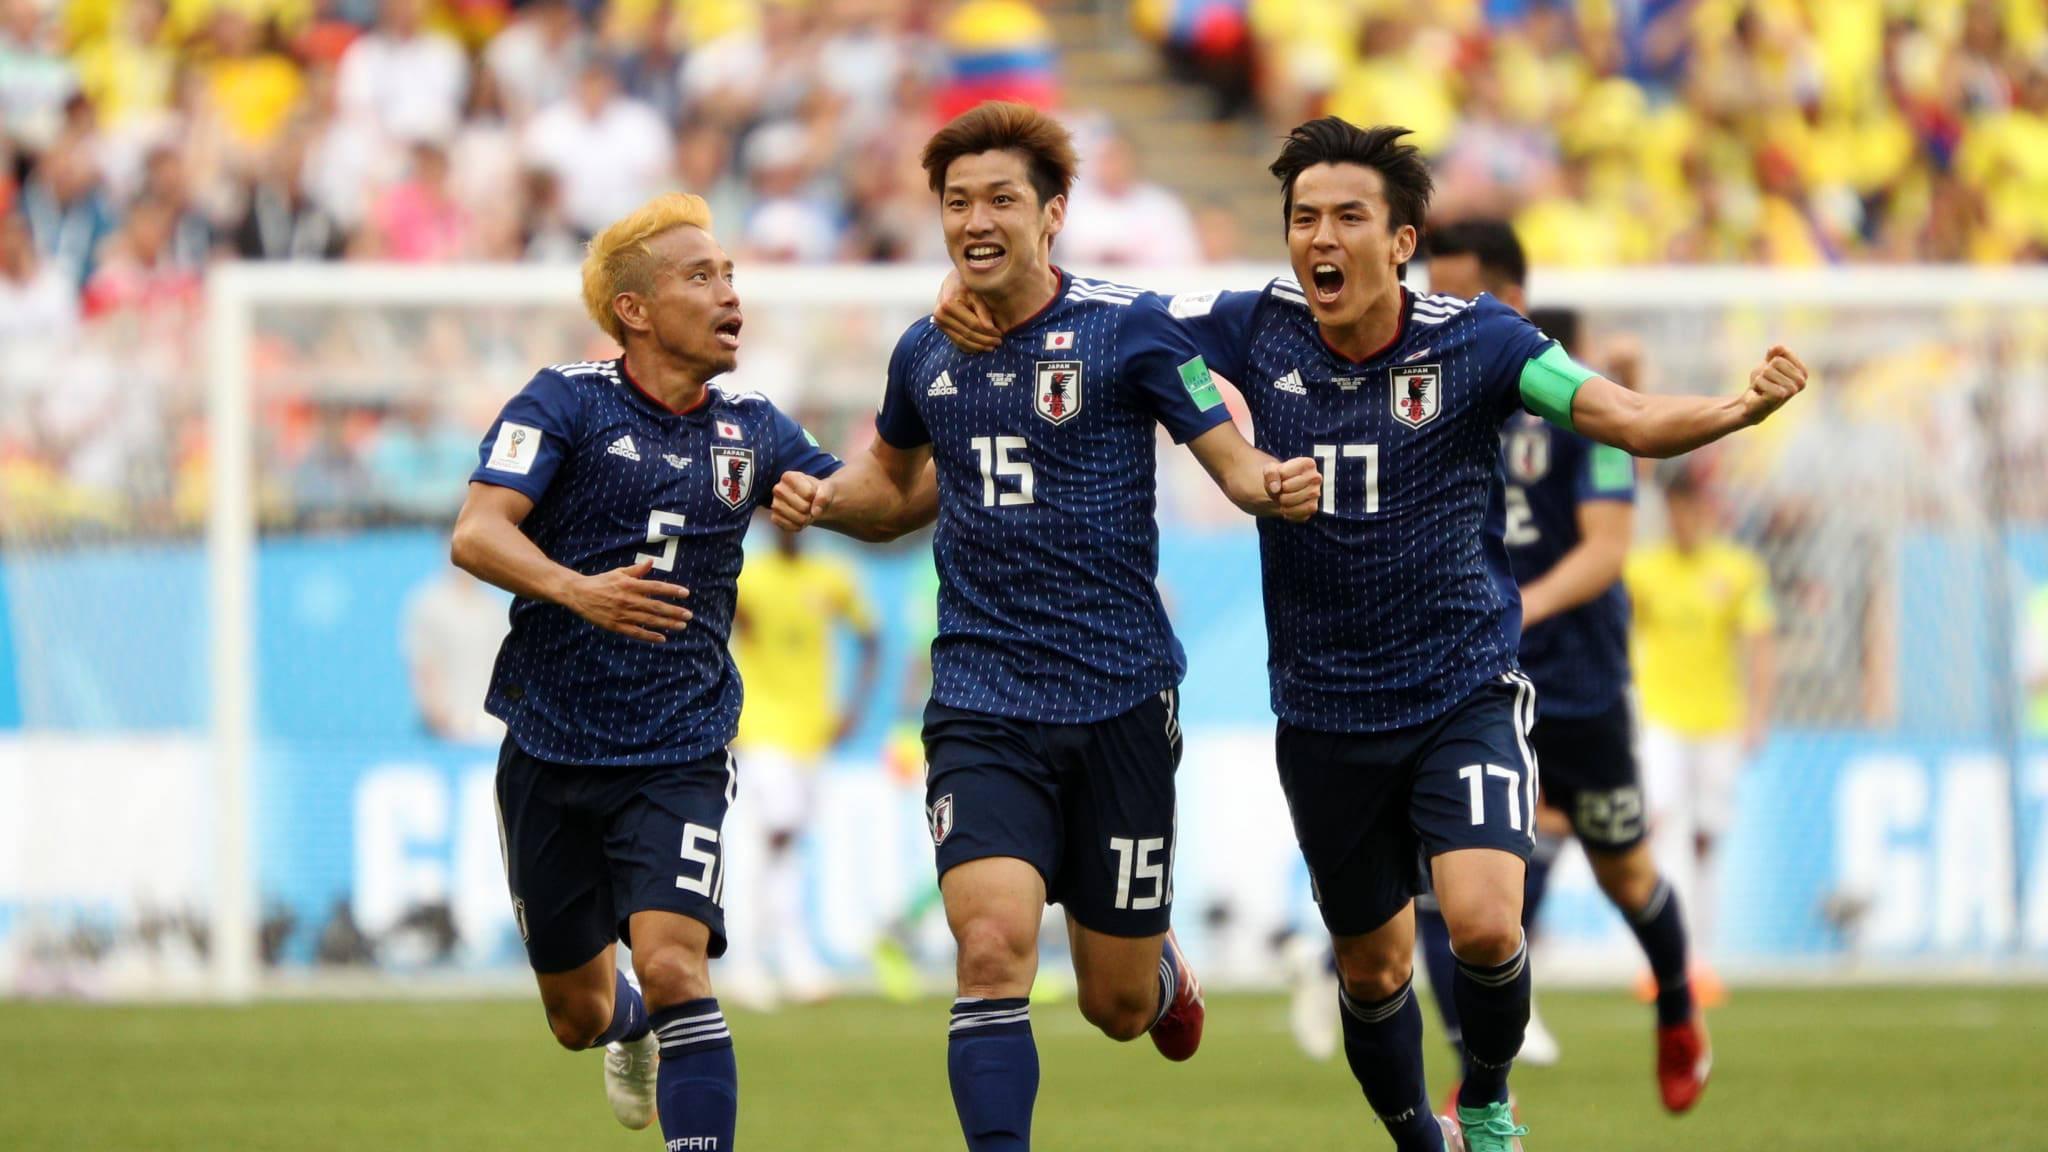 ایران صفر – ژاپن ۳ قهرمانی برای آسیا ۴۷ ساله شد